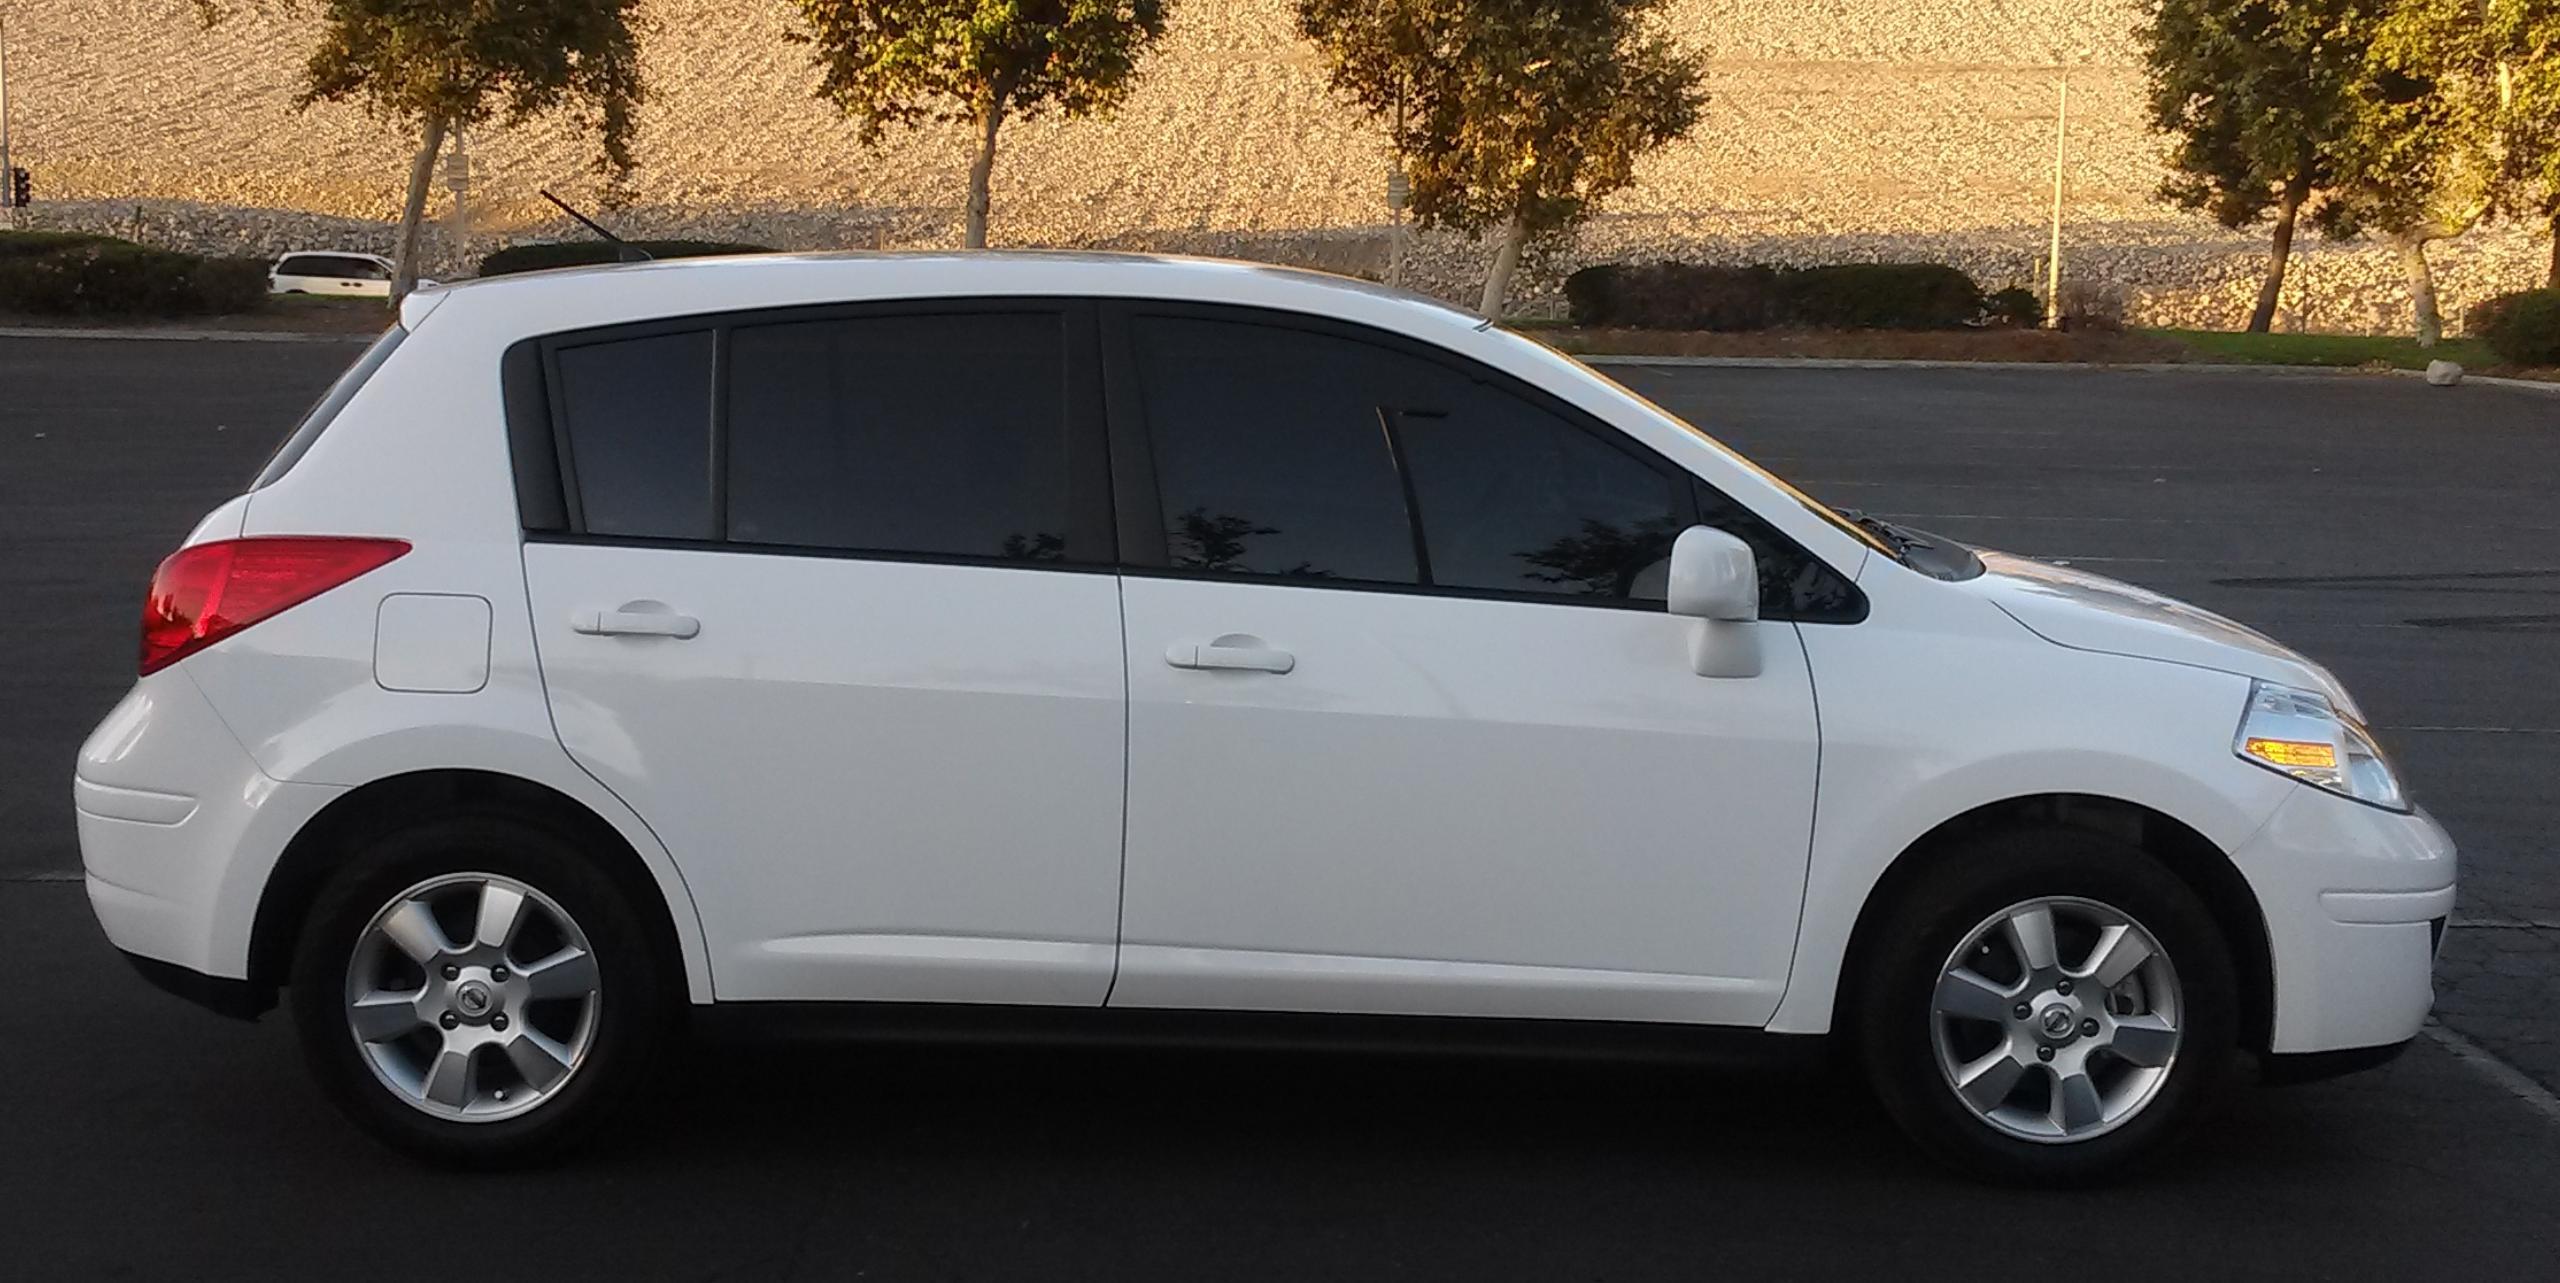 Nissan Tiida I 2004 - 2012 Hatchback 5 door #8